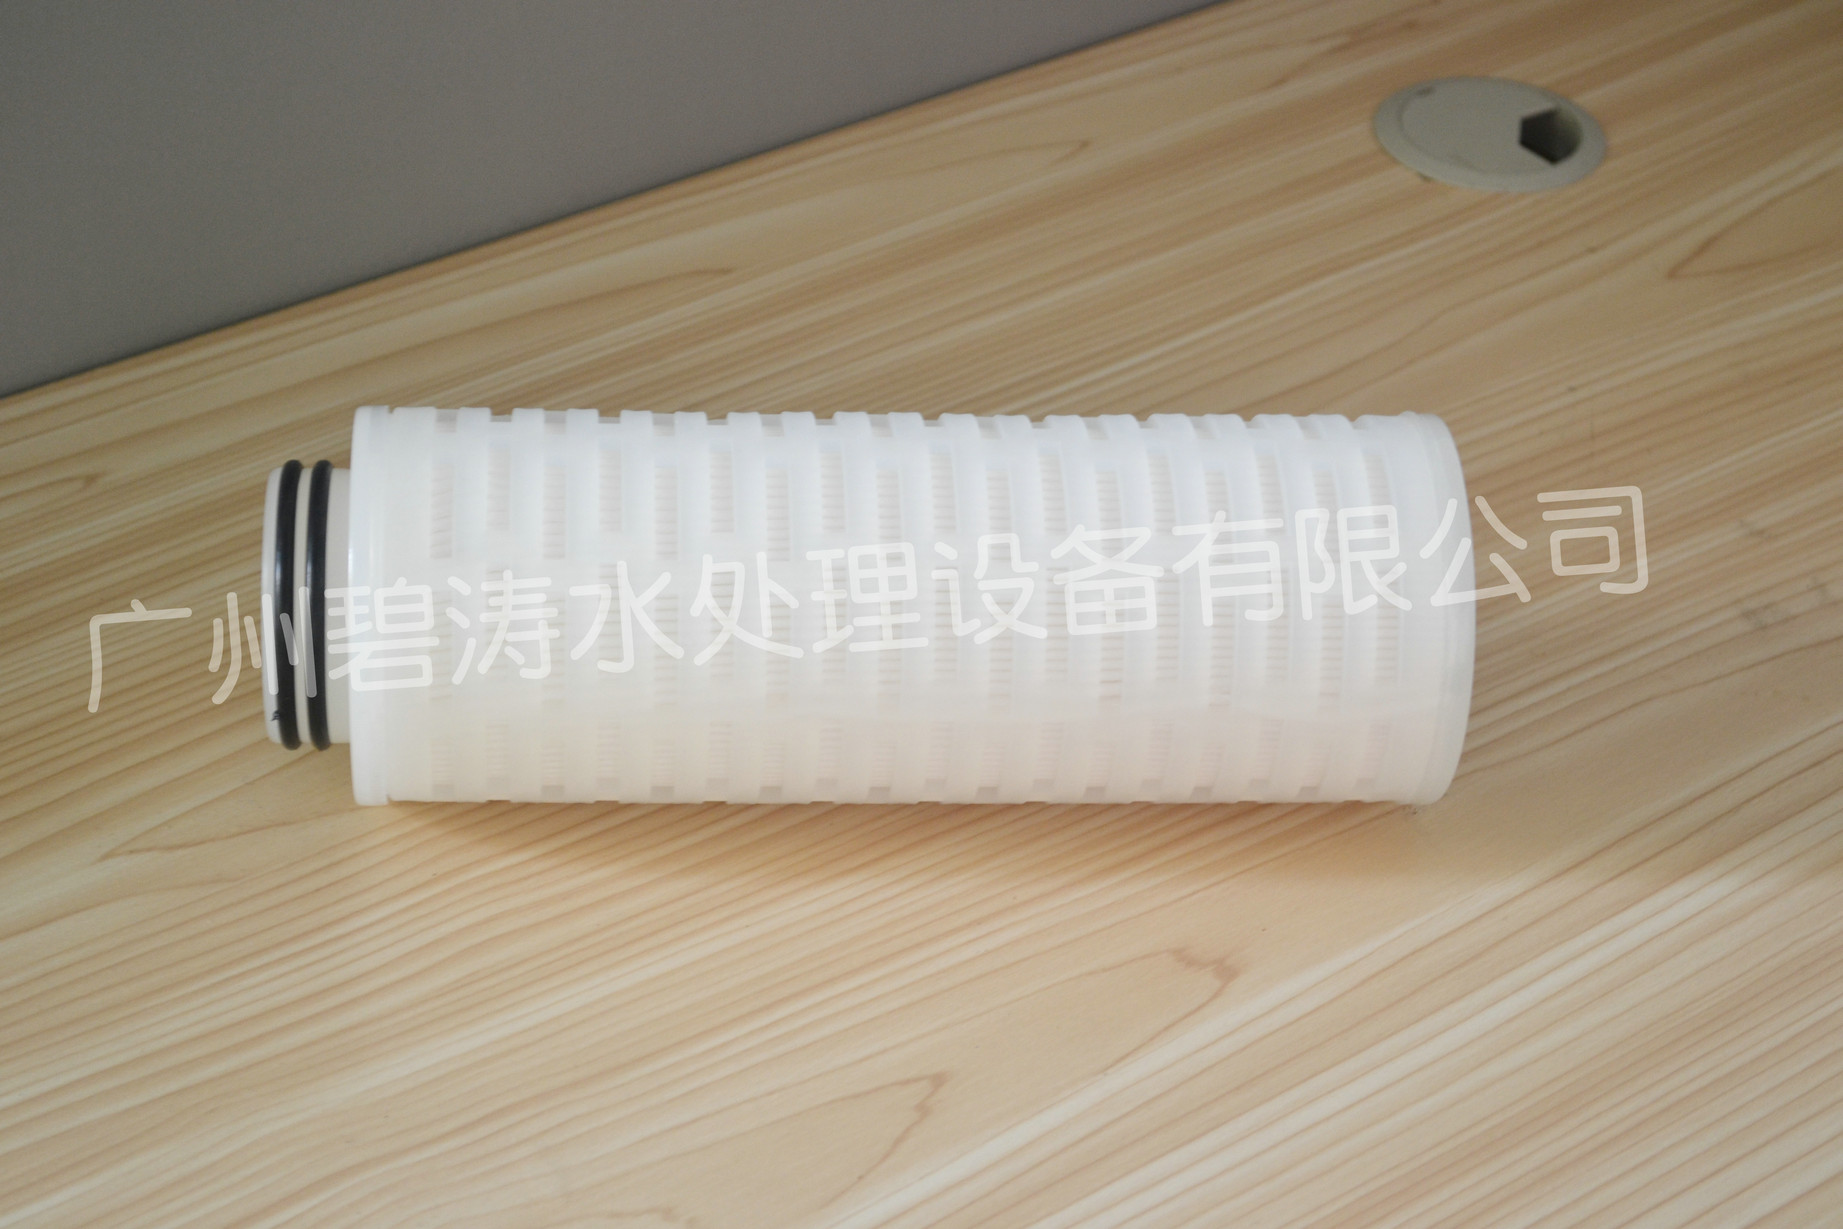 粗胖折叠滤芯|中胖折叠滤芯(外径/直径80mm,81mm)